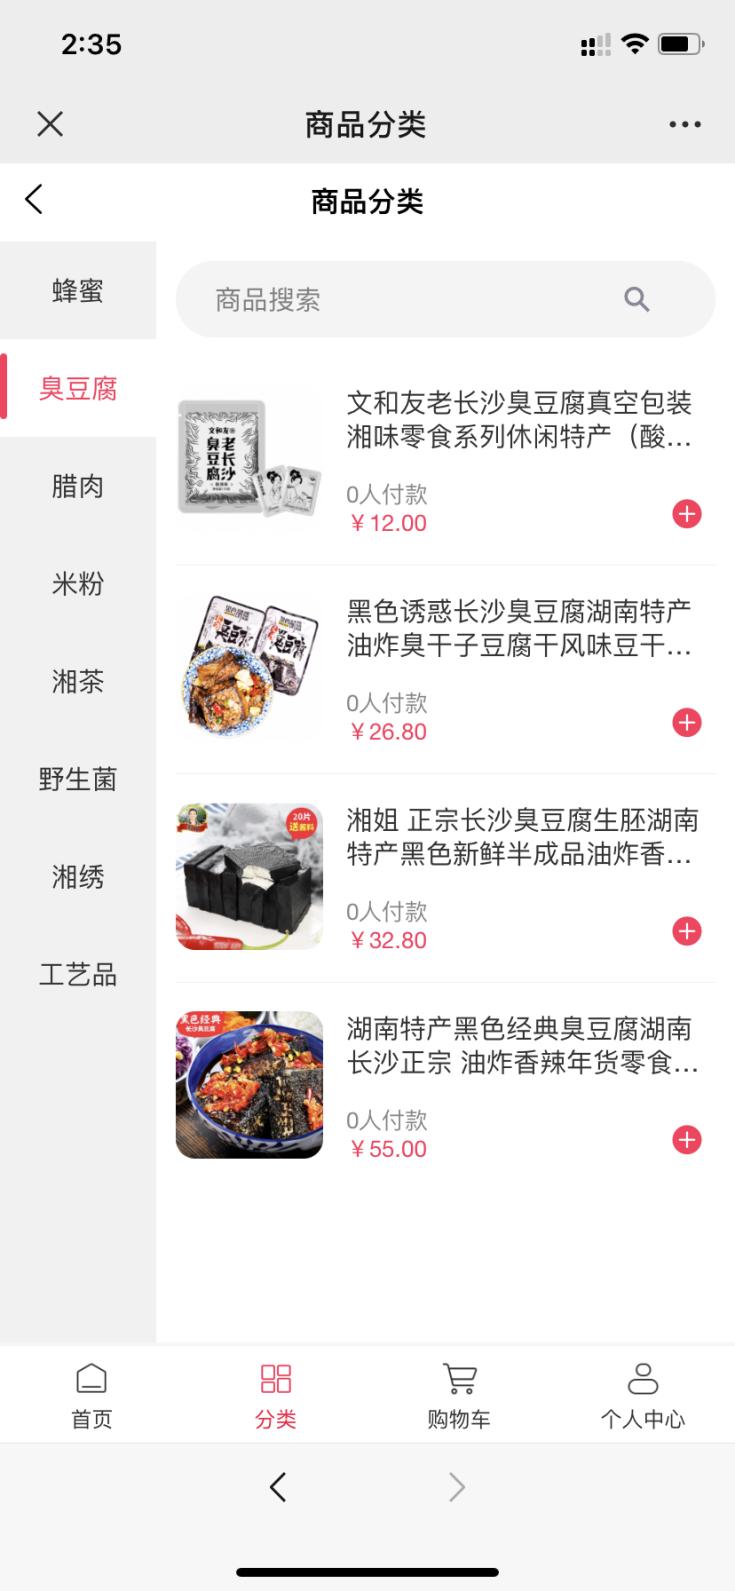 湖南土特产整合行业招商运营资源的专业平台